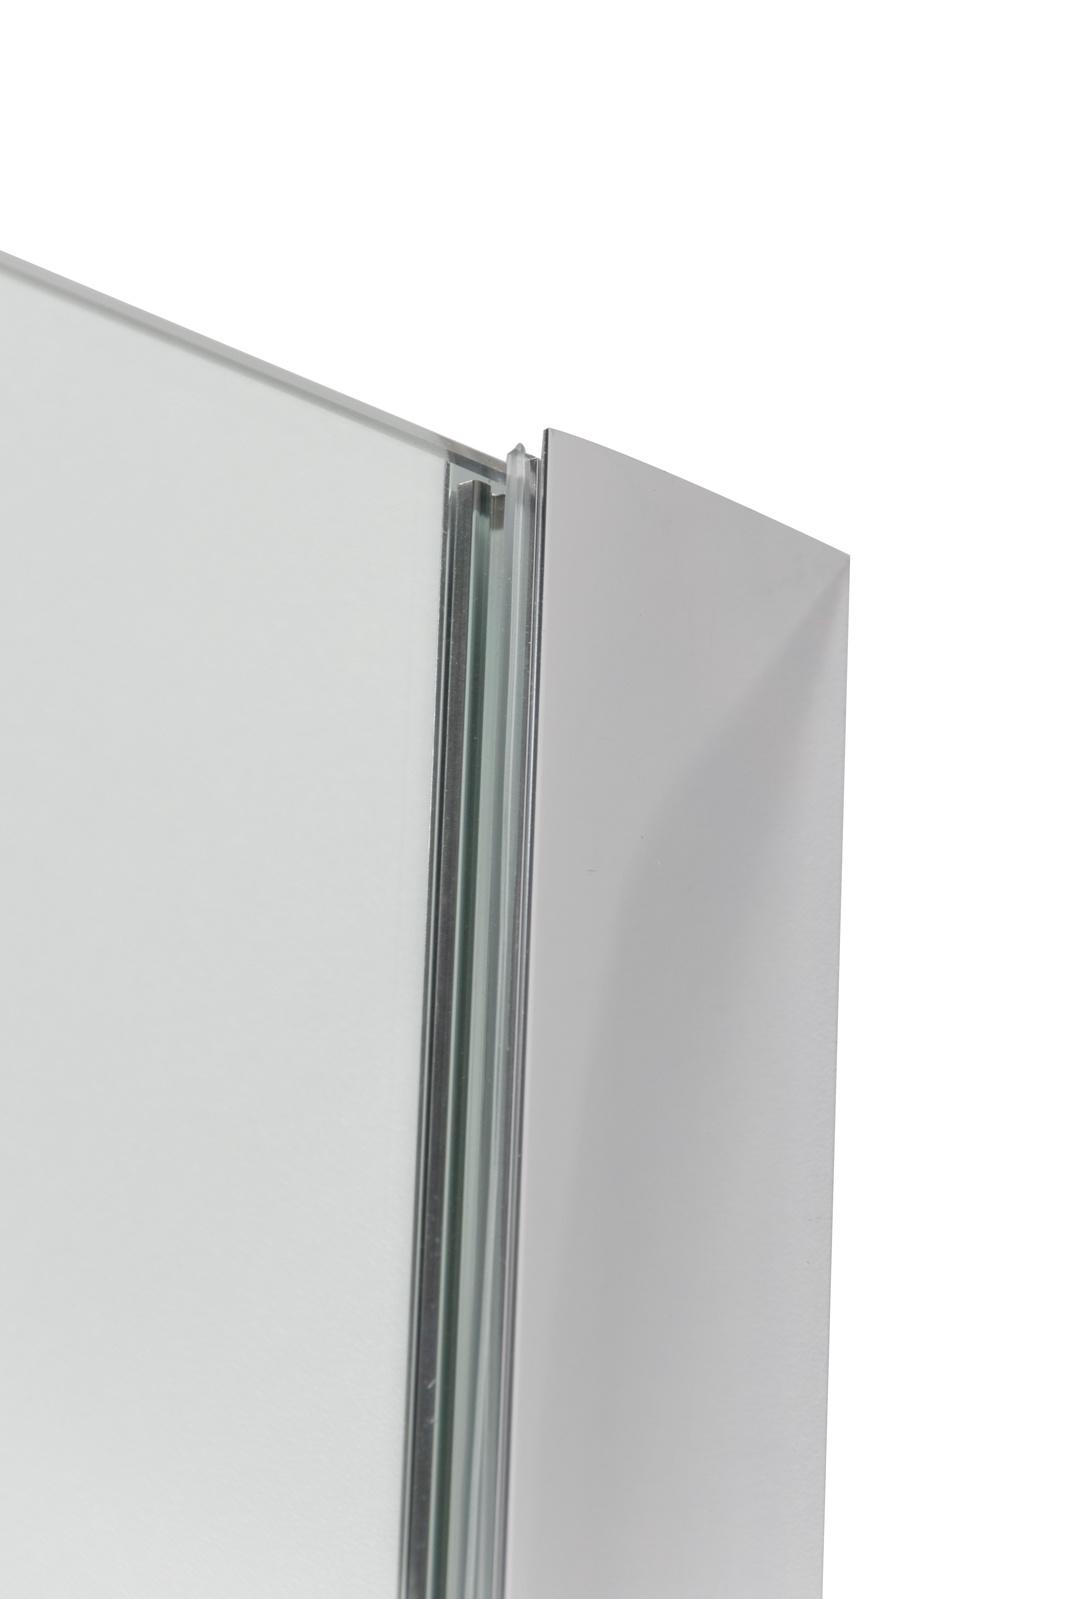 Inloopdouche Linea Uno 140 x 200 cm